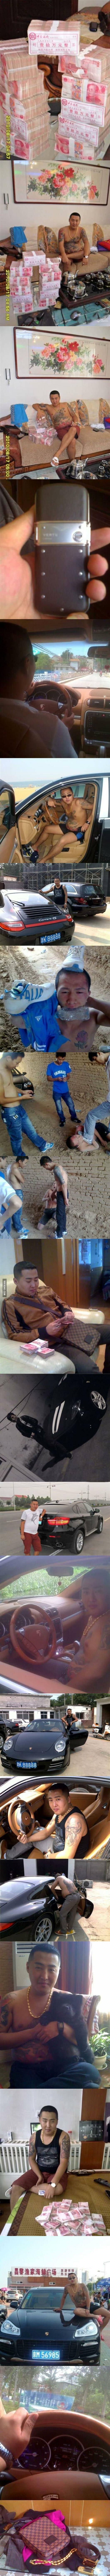 Imagini din telefonul unui gangster chinez! Cum arata viata mafiotilor periculosi din Beijing